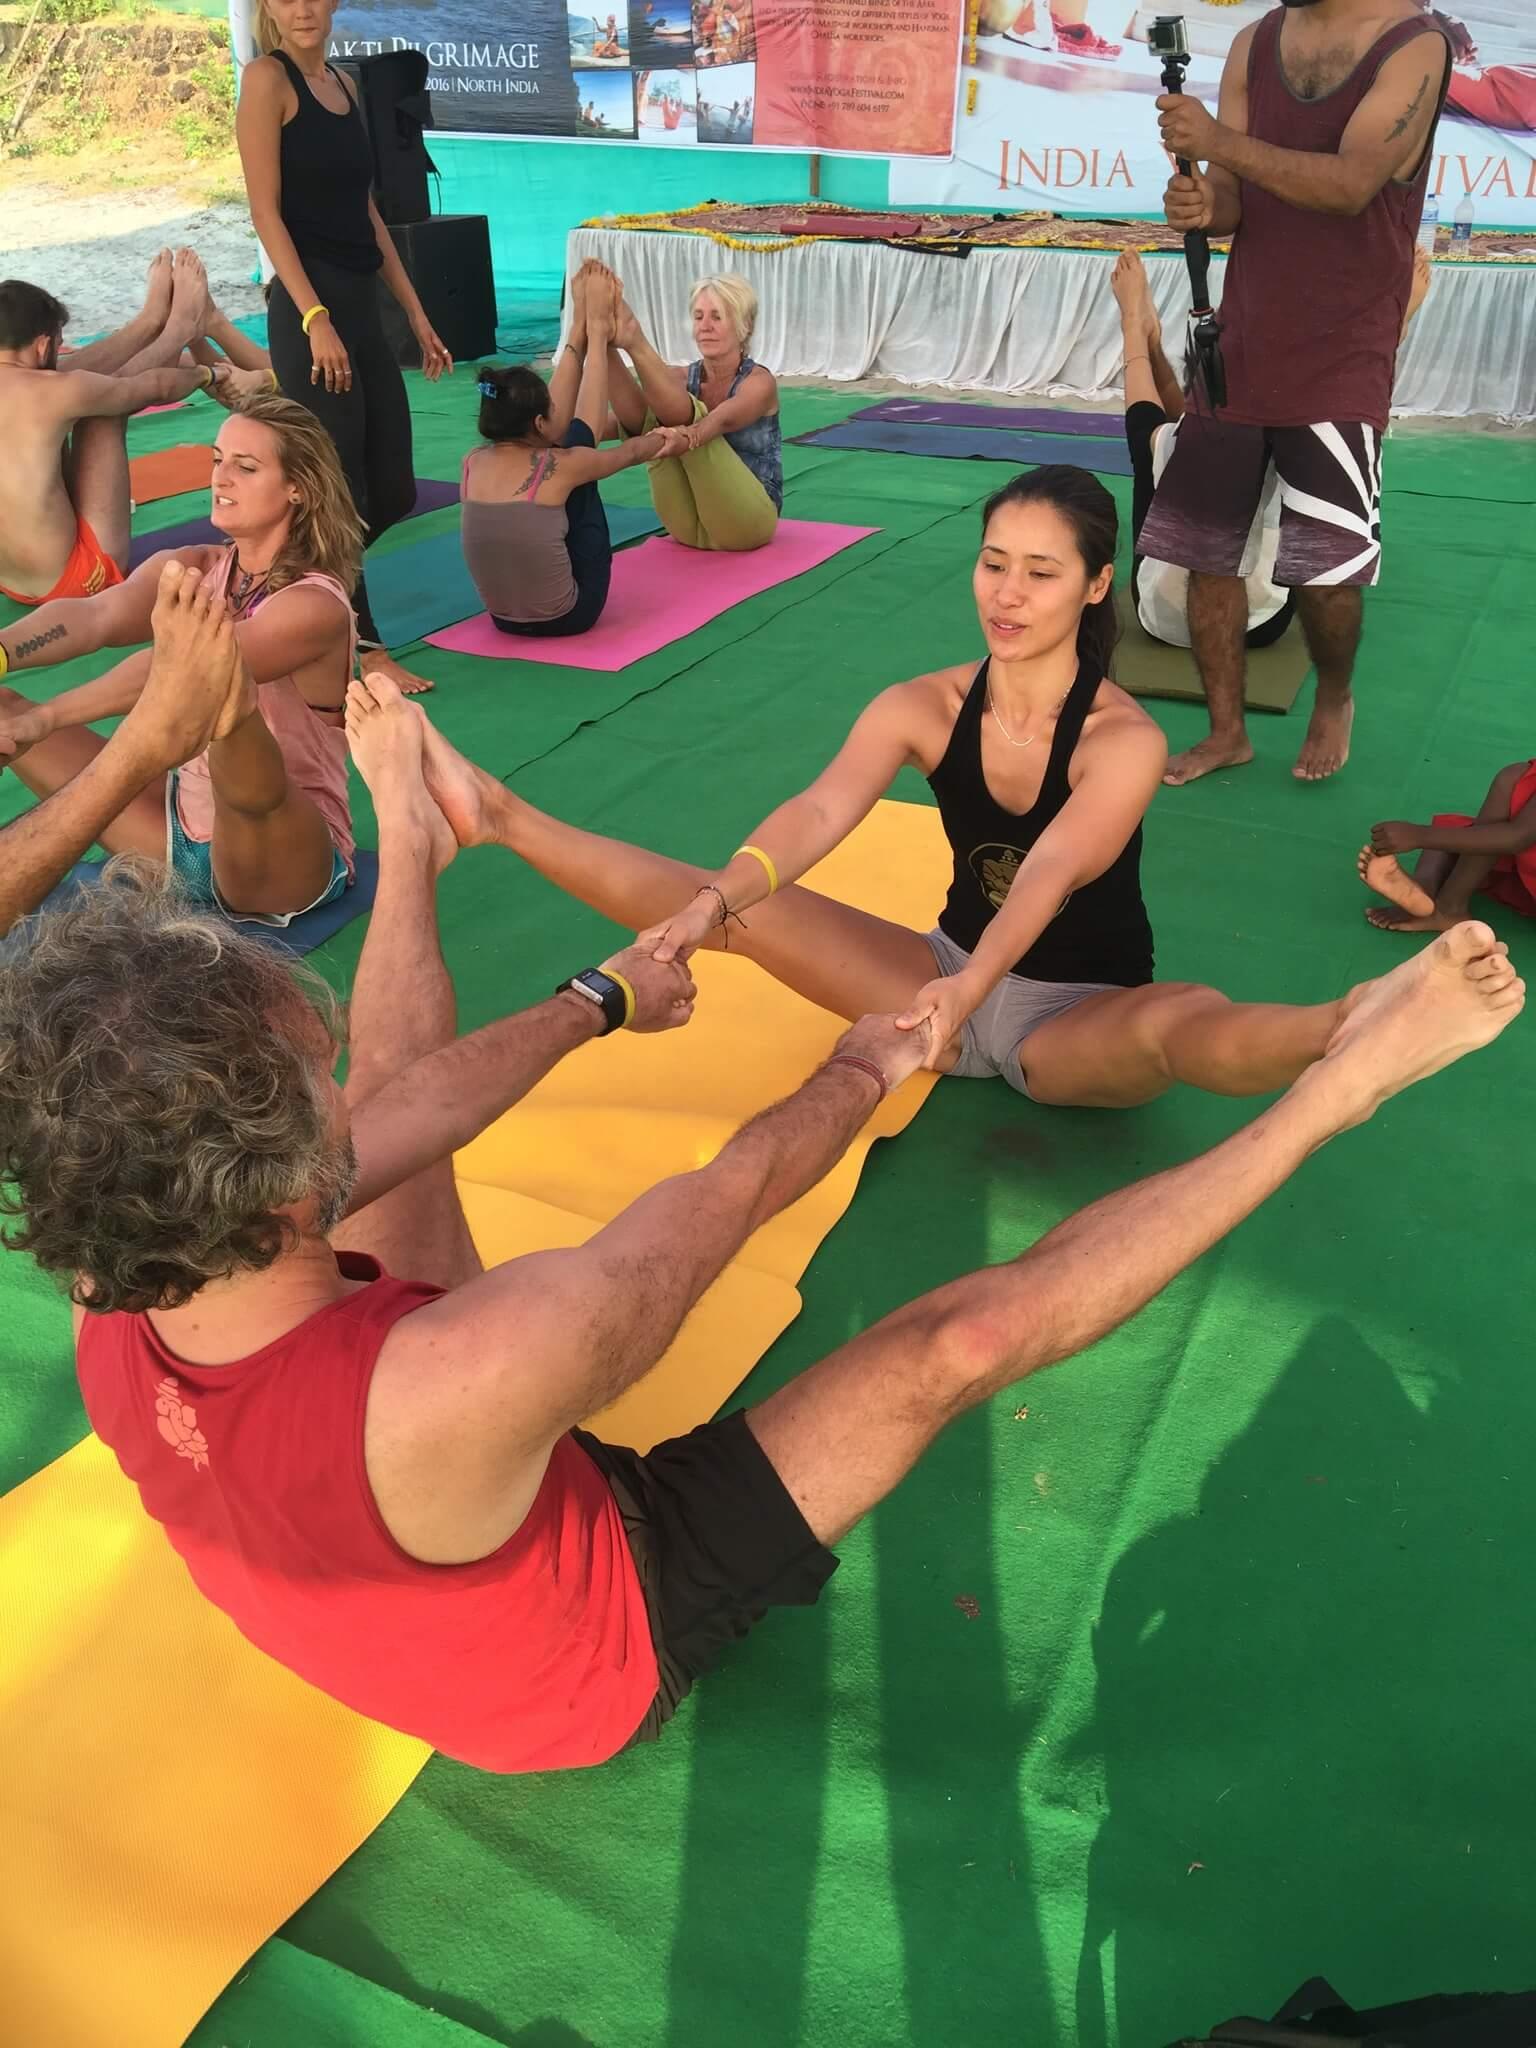 El Arte de Yoga en Pareja | Wari Om Yoga Photography